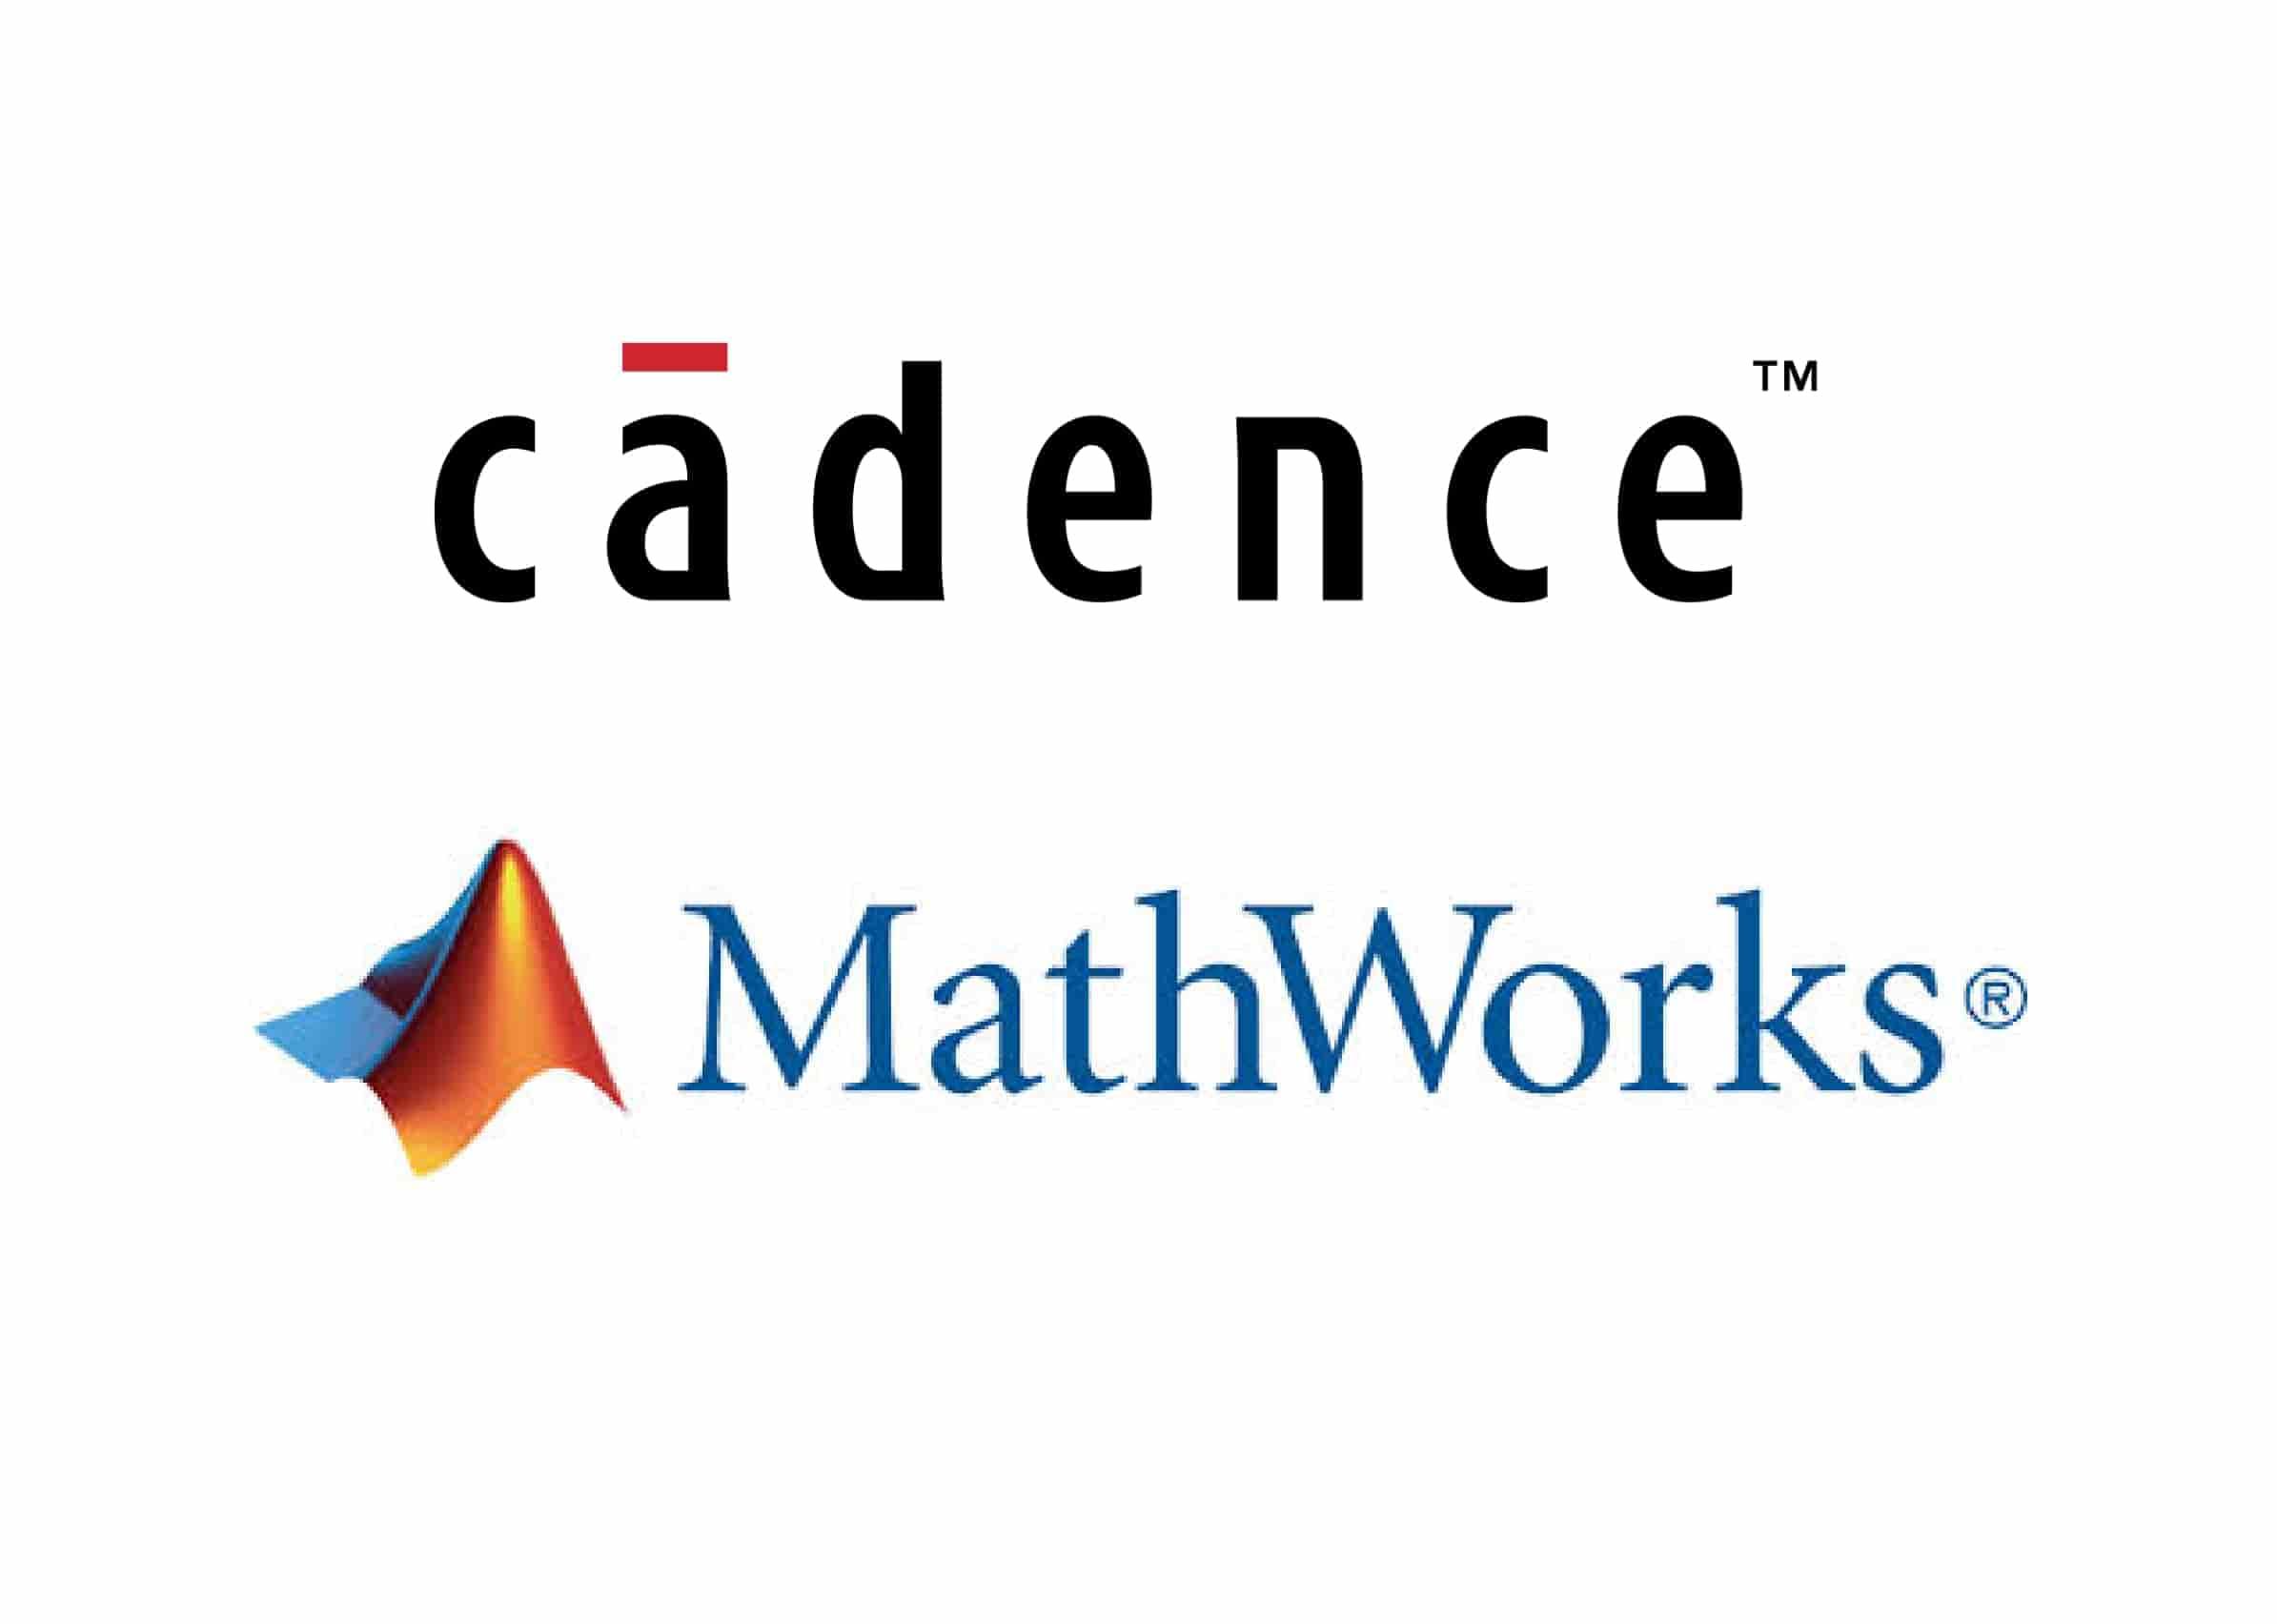 cadence-mathworks | Estrade | India Business News, Financial News ...